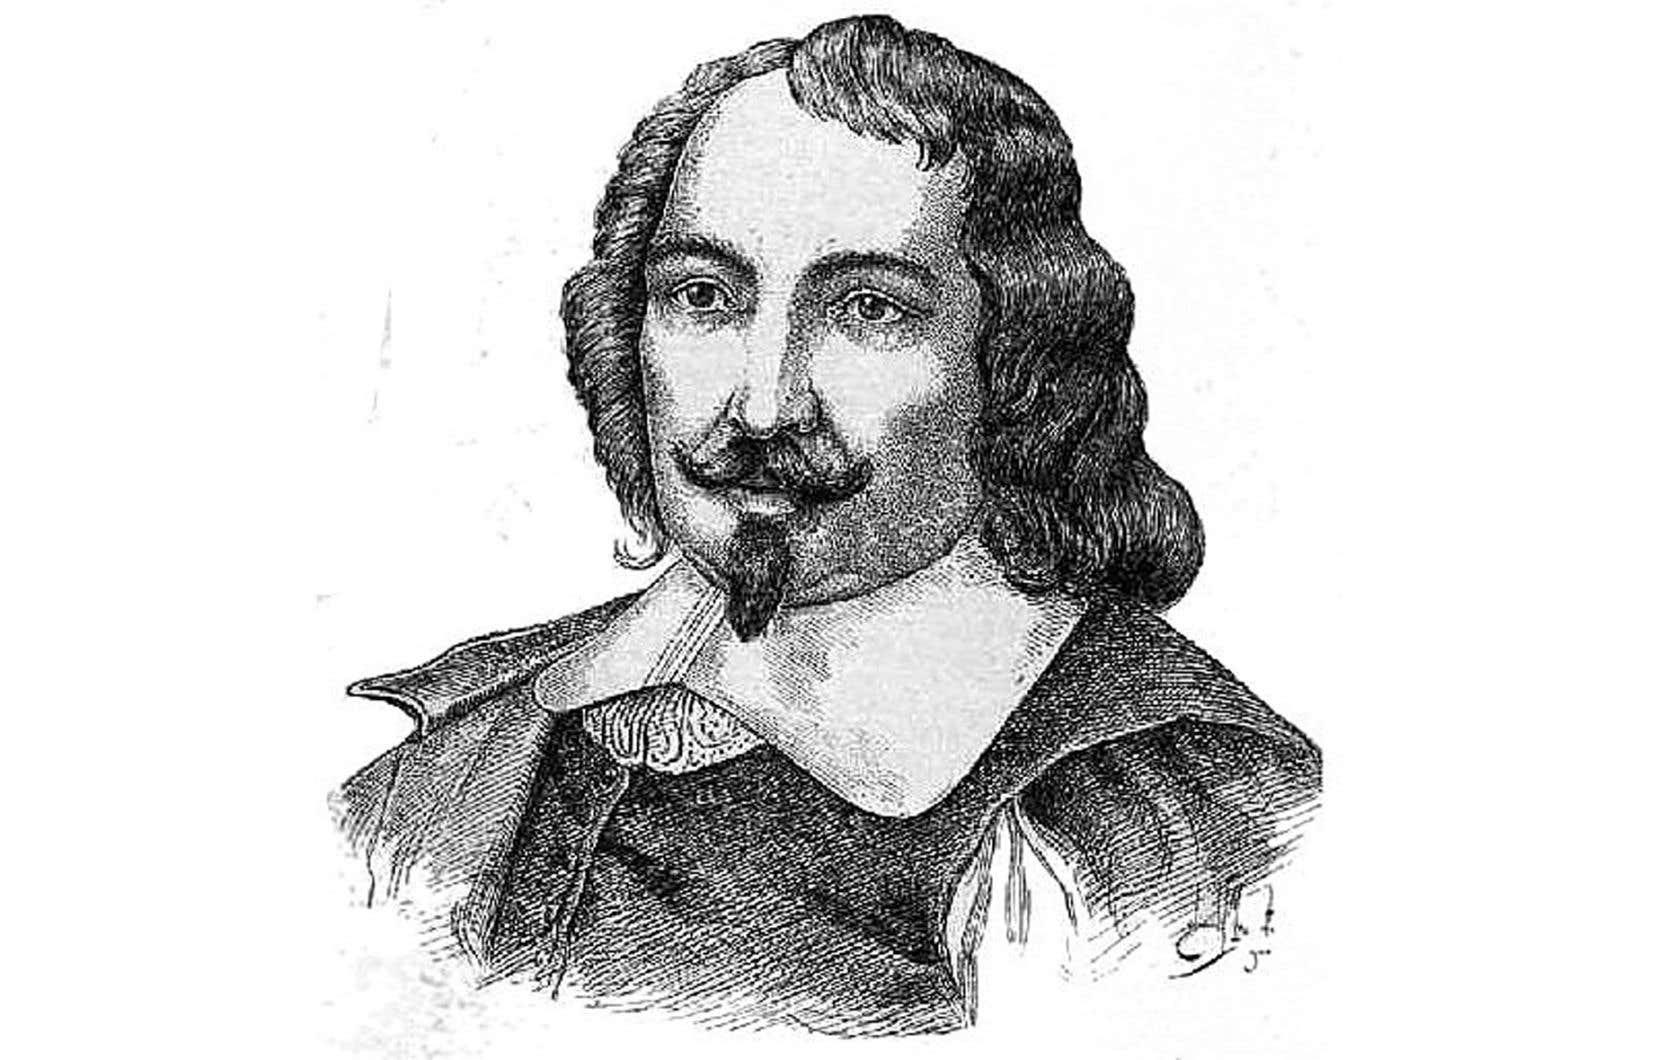 Champlain fut en réalité le premier administrateur colonial à réclamer l'exclusion des protestants de la Nouvelle-France.